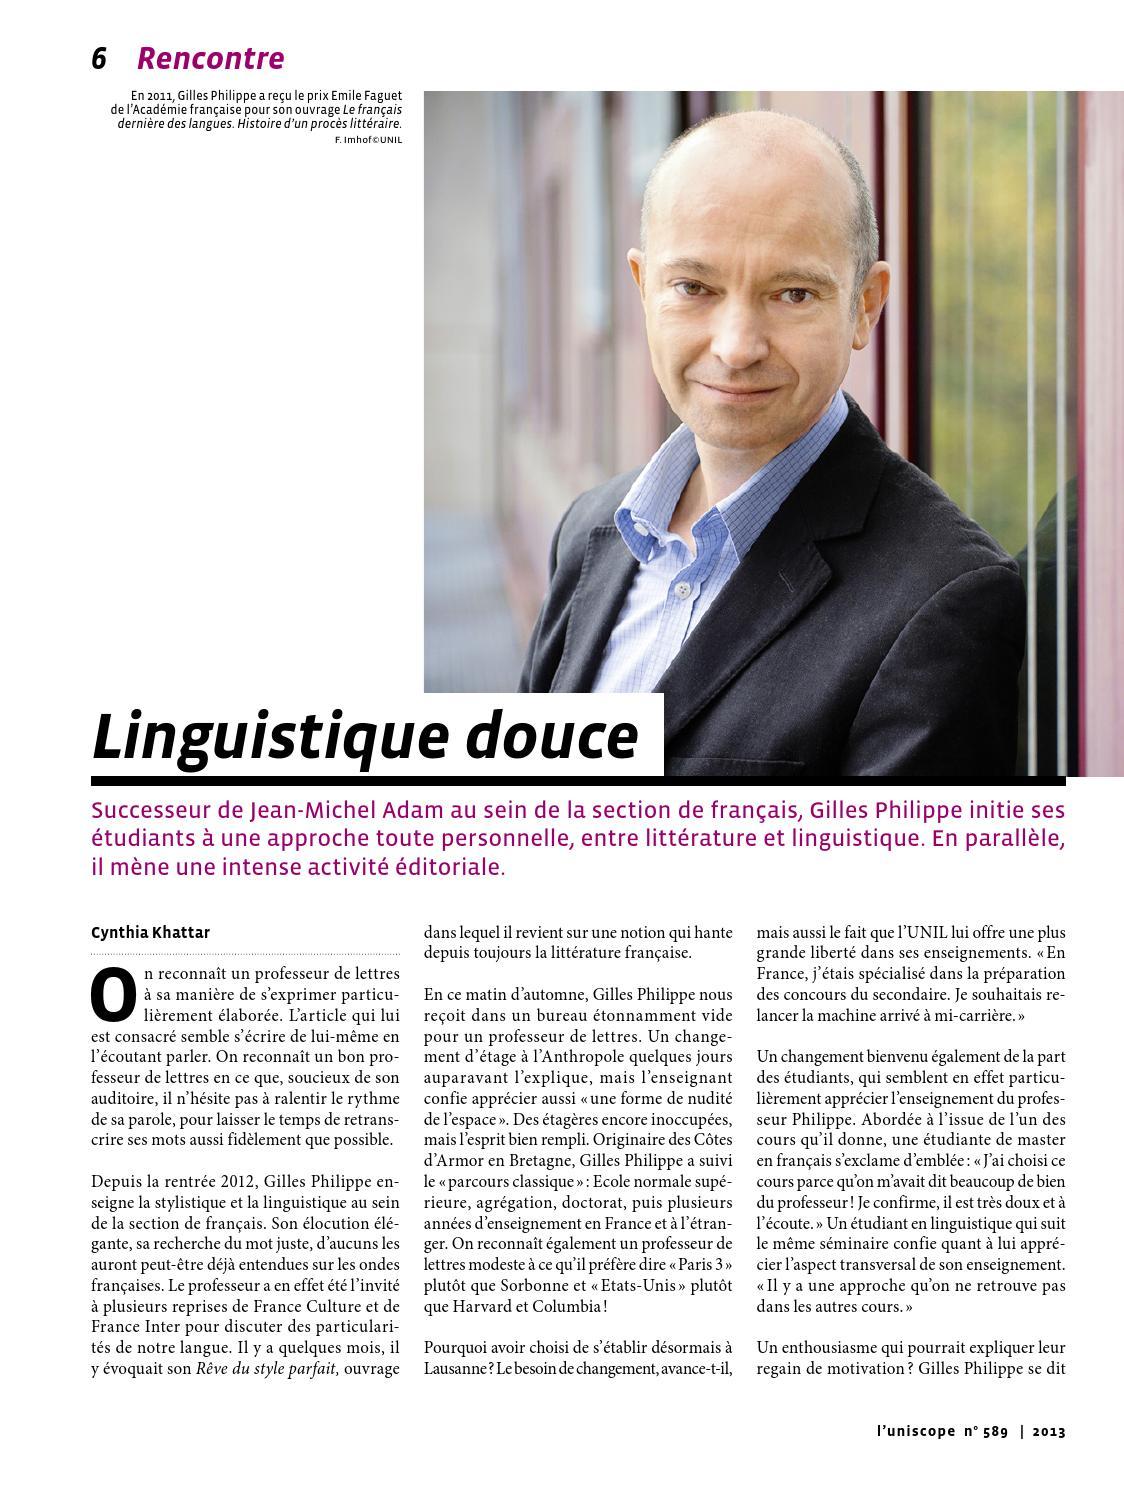 Uniscope 589 - Janvier 2014 by Université de Lausanne - issuu